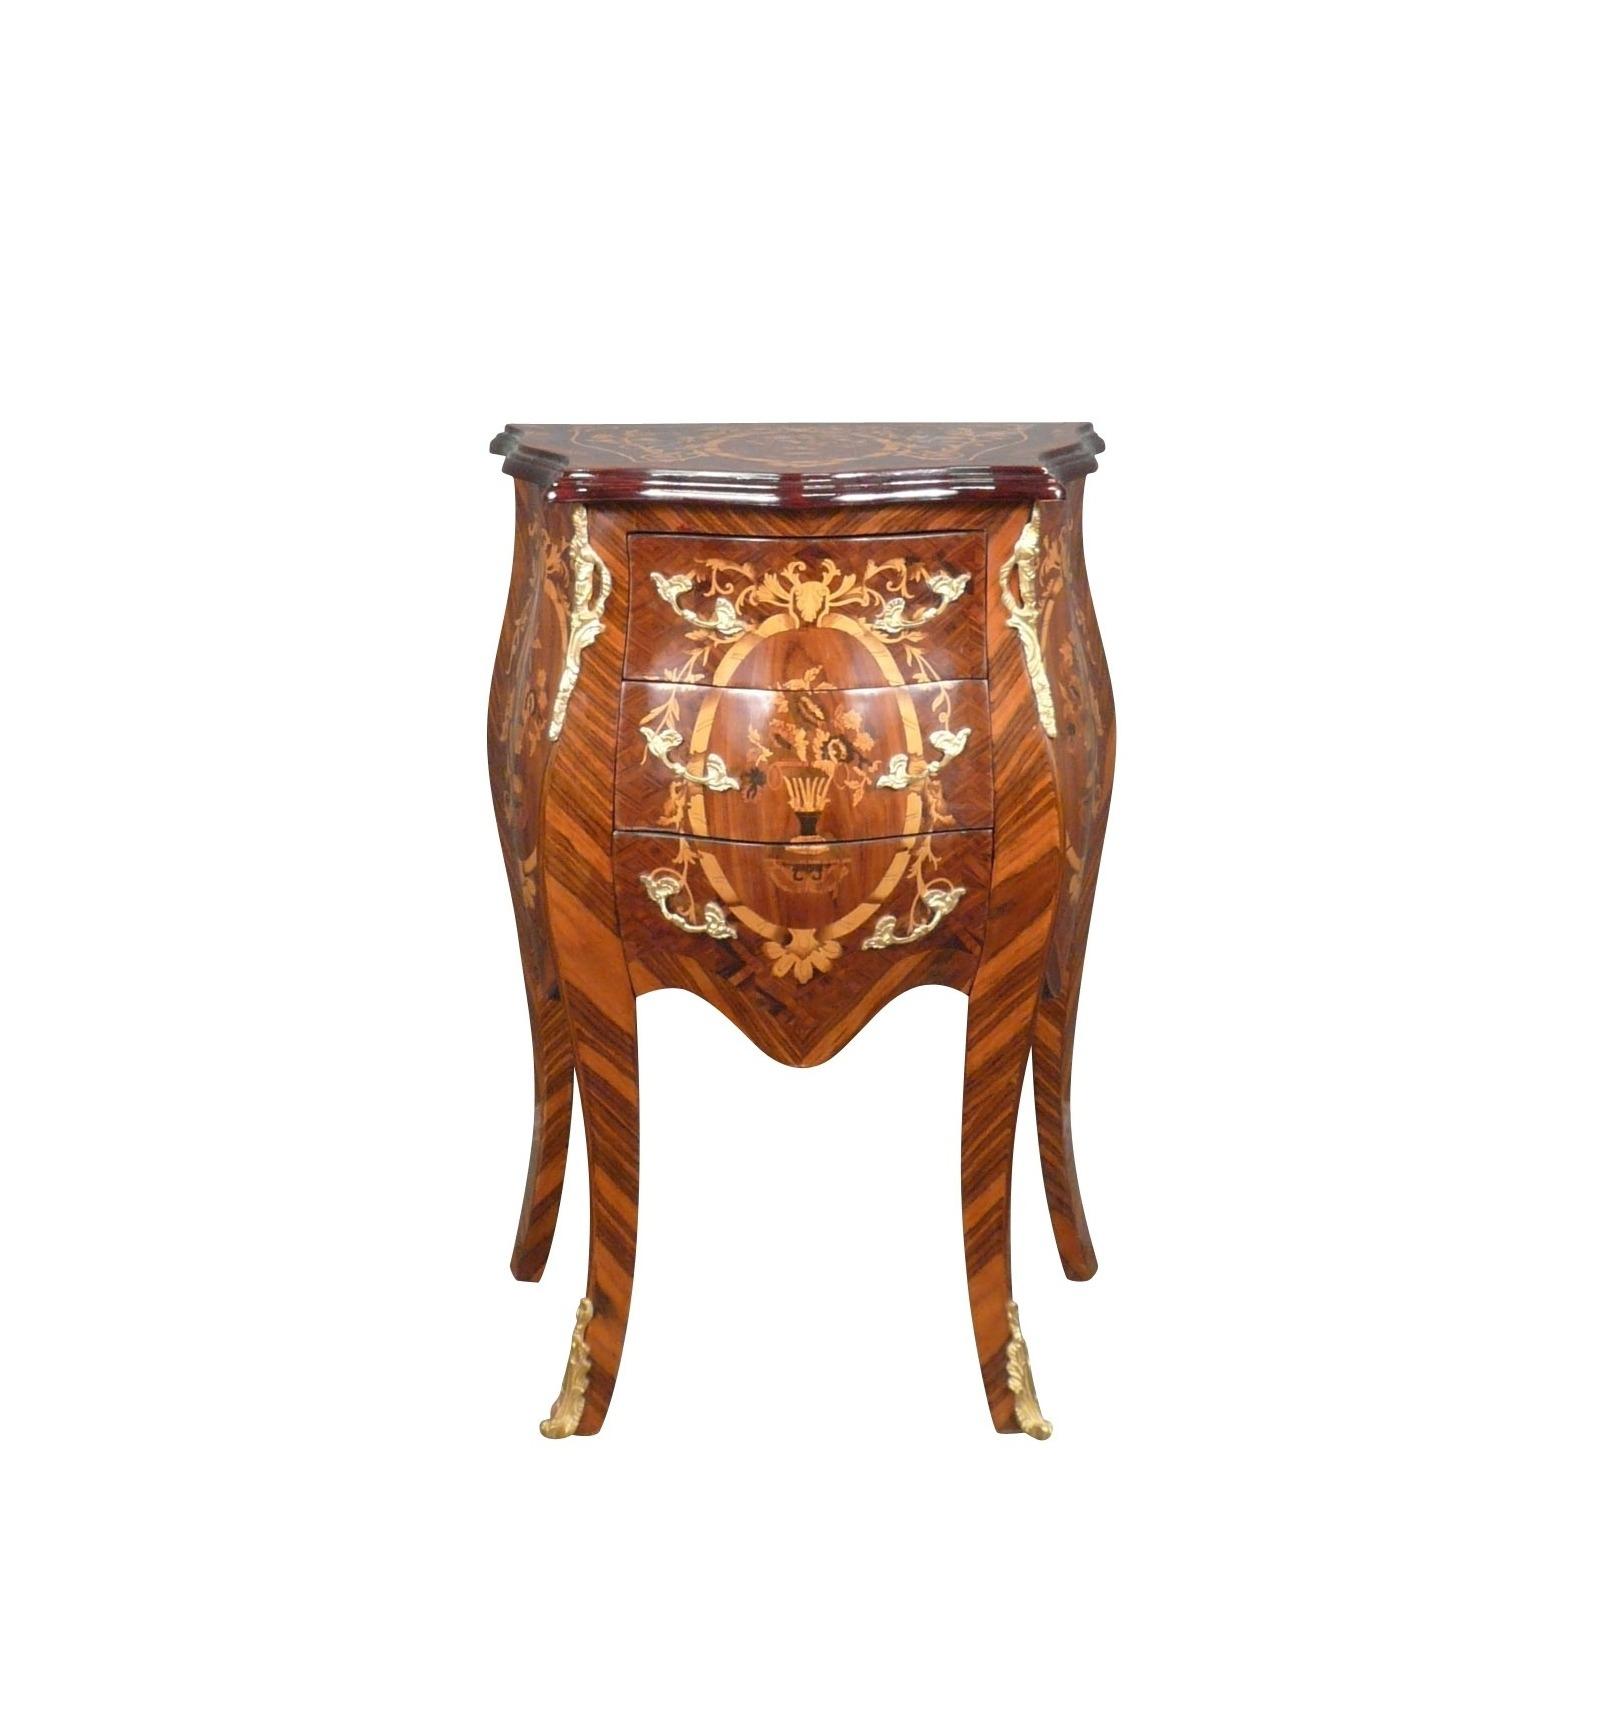 Comò luigi XV - l\'Acquisto di un pezzo di mobili in stile Luigi XV ...